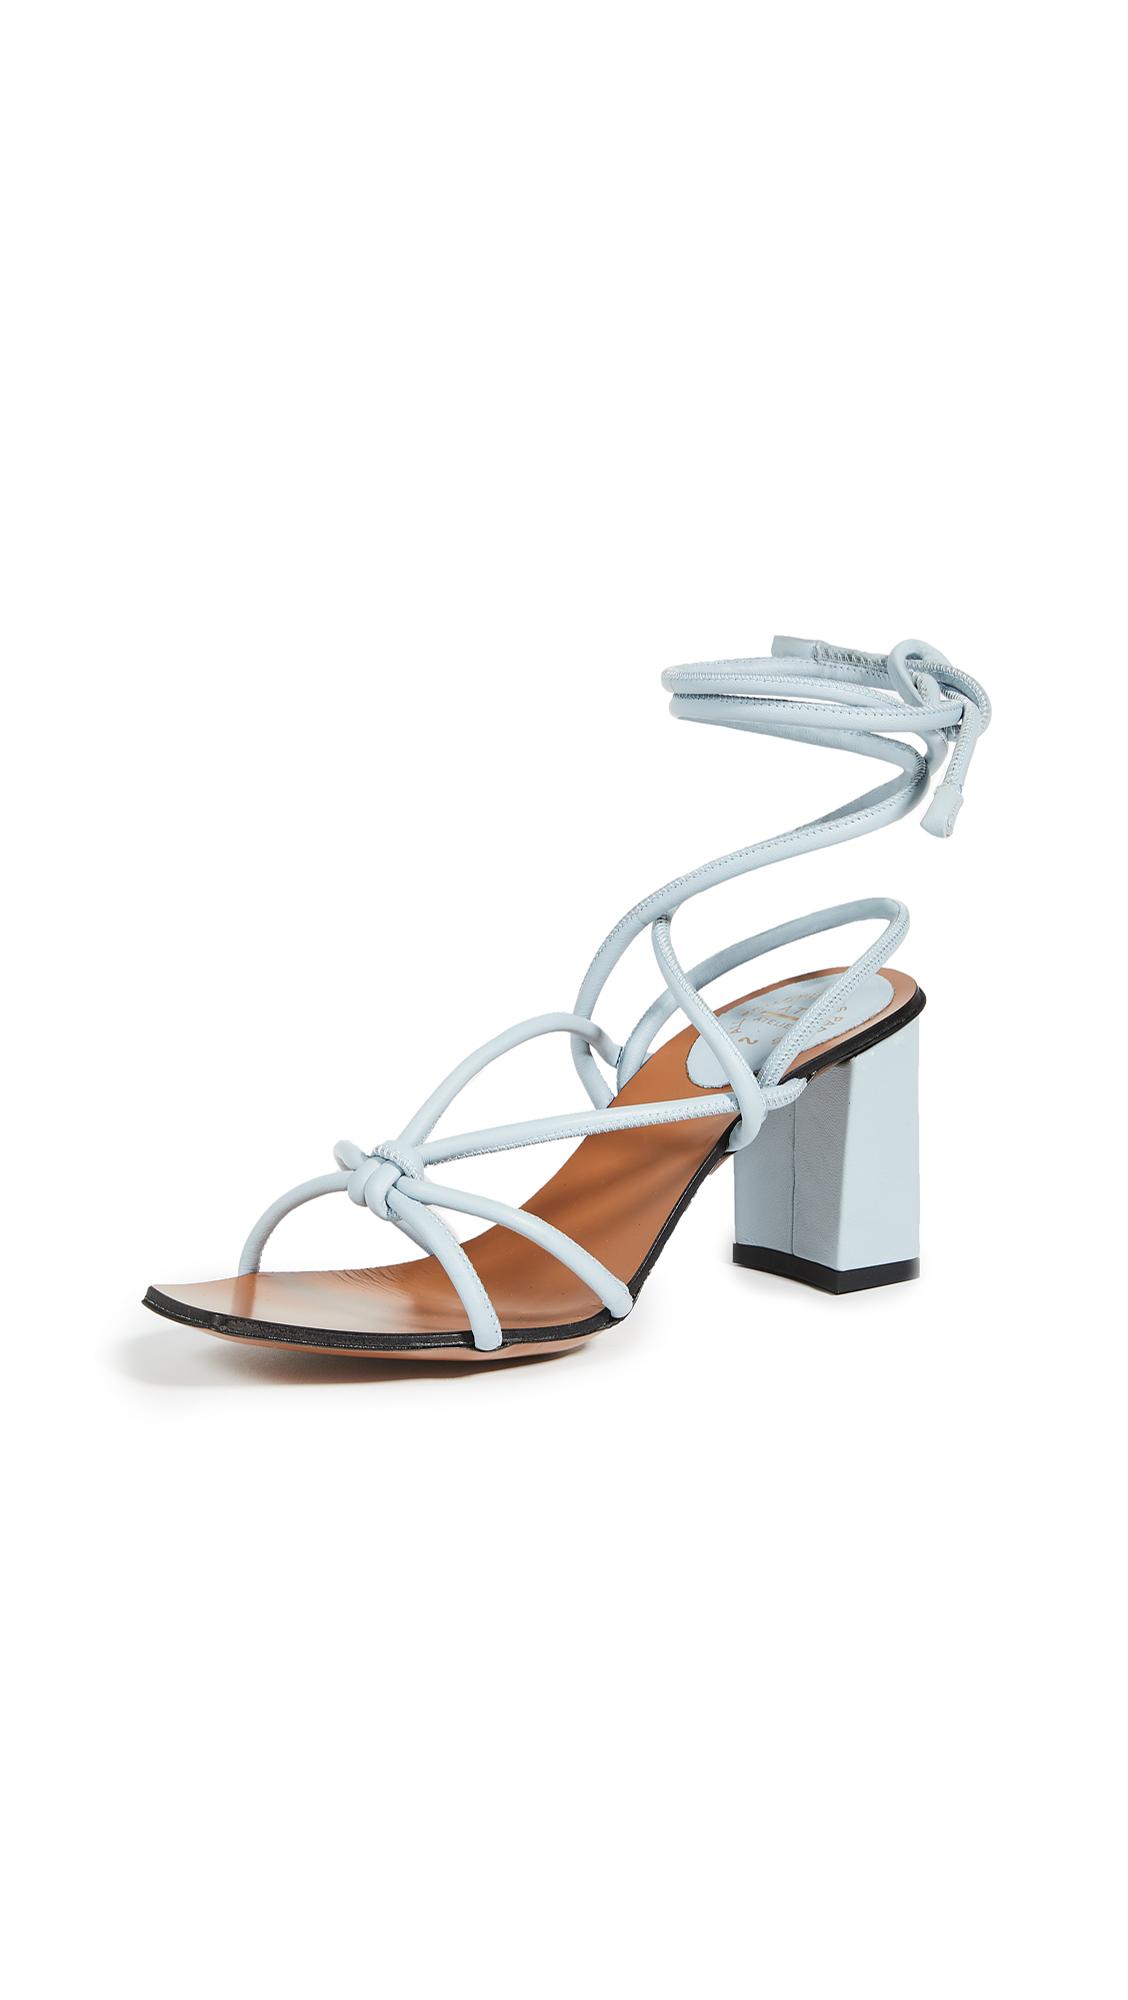 Buy ATP Atelier Andria Lace Up Wrap Sandals online, shop ATP Atelier